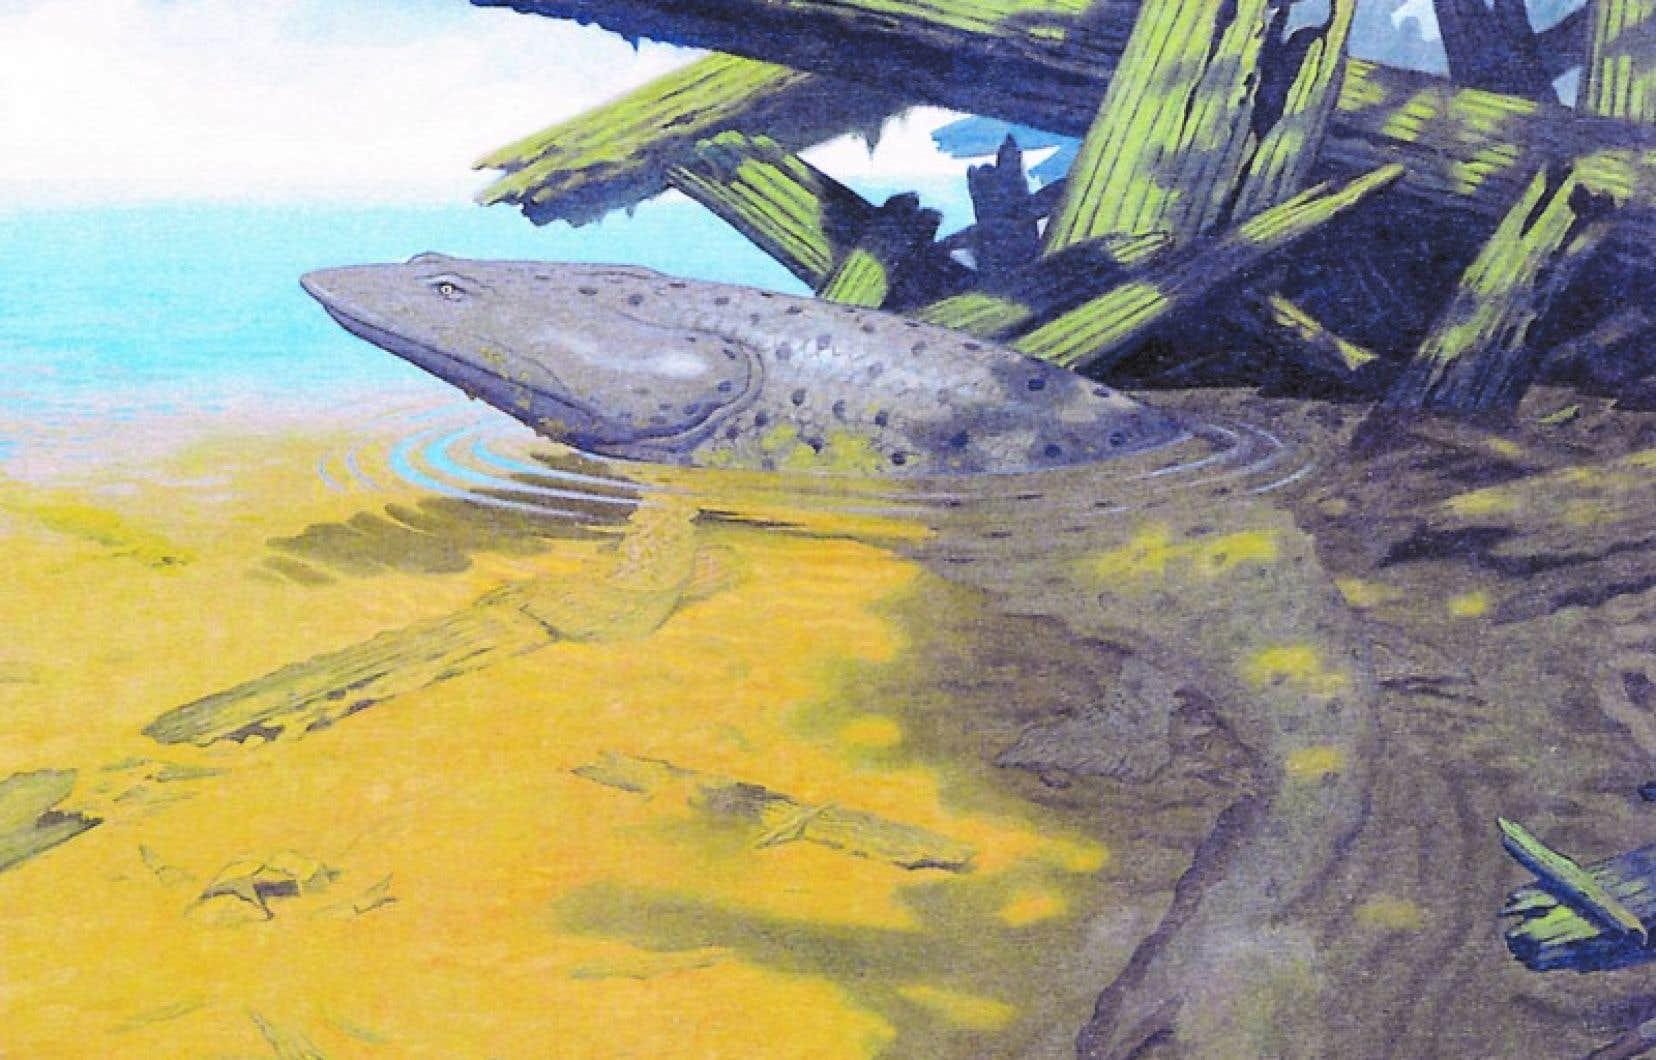 Reconstitution de l'Elpistostege watsoni, dont le fossile vieux de 380 millions d'années a été découvert au parc national de Miguasha, en Gaspésie